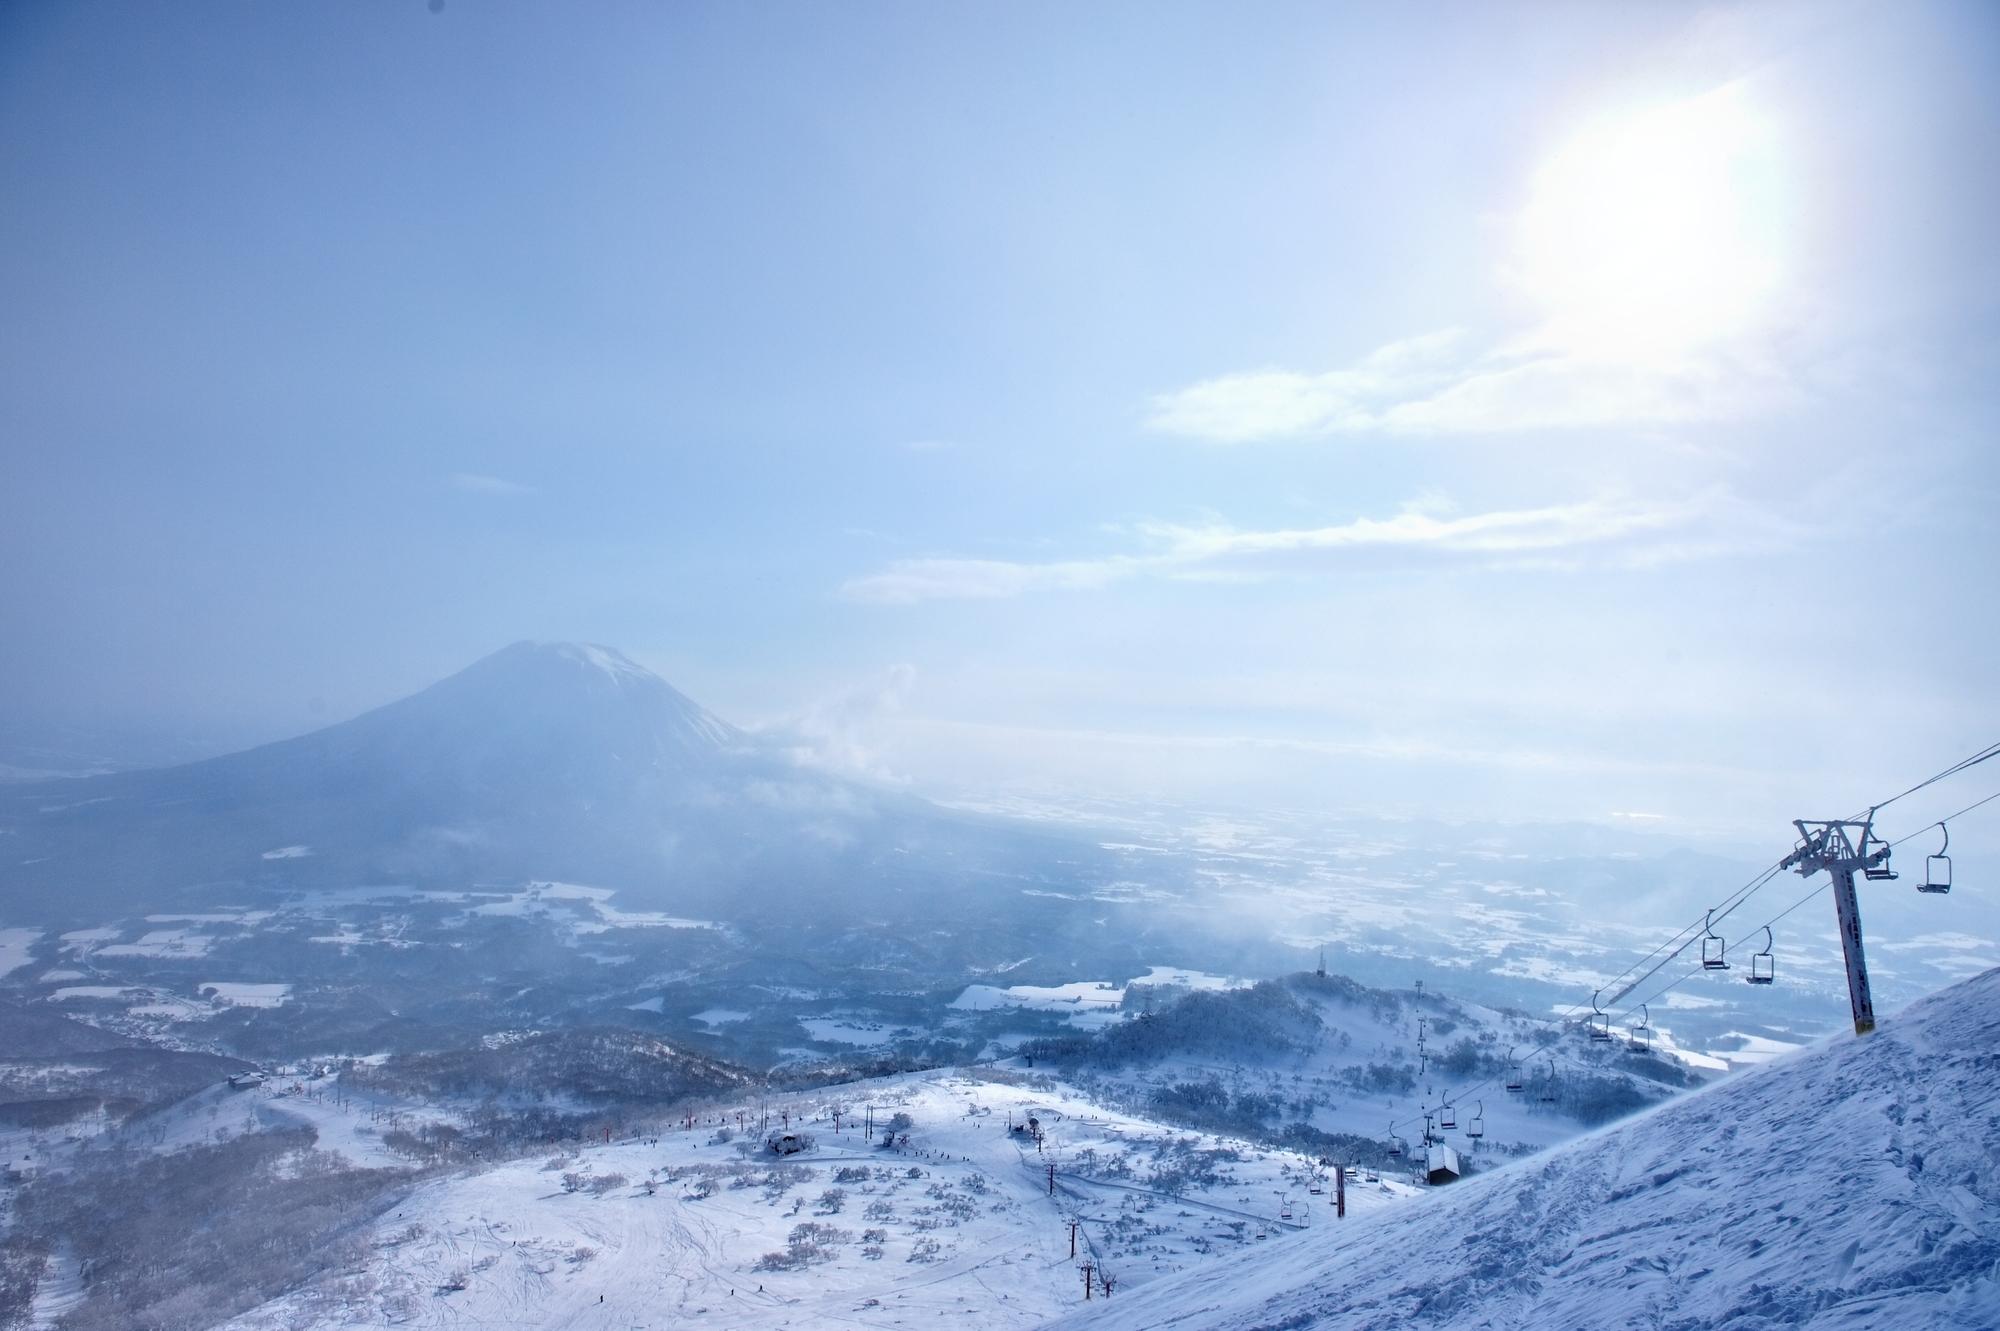 世界が大注目の人気スポット!スキー・スノボするなら「ふっこう割」でニセコへ行こう!